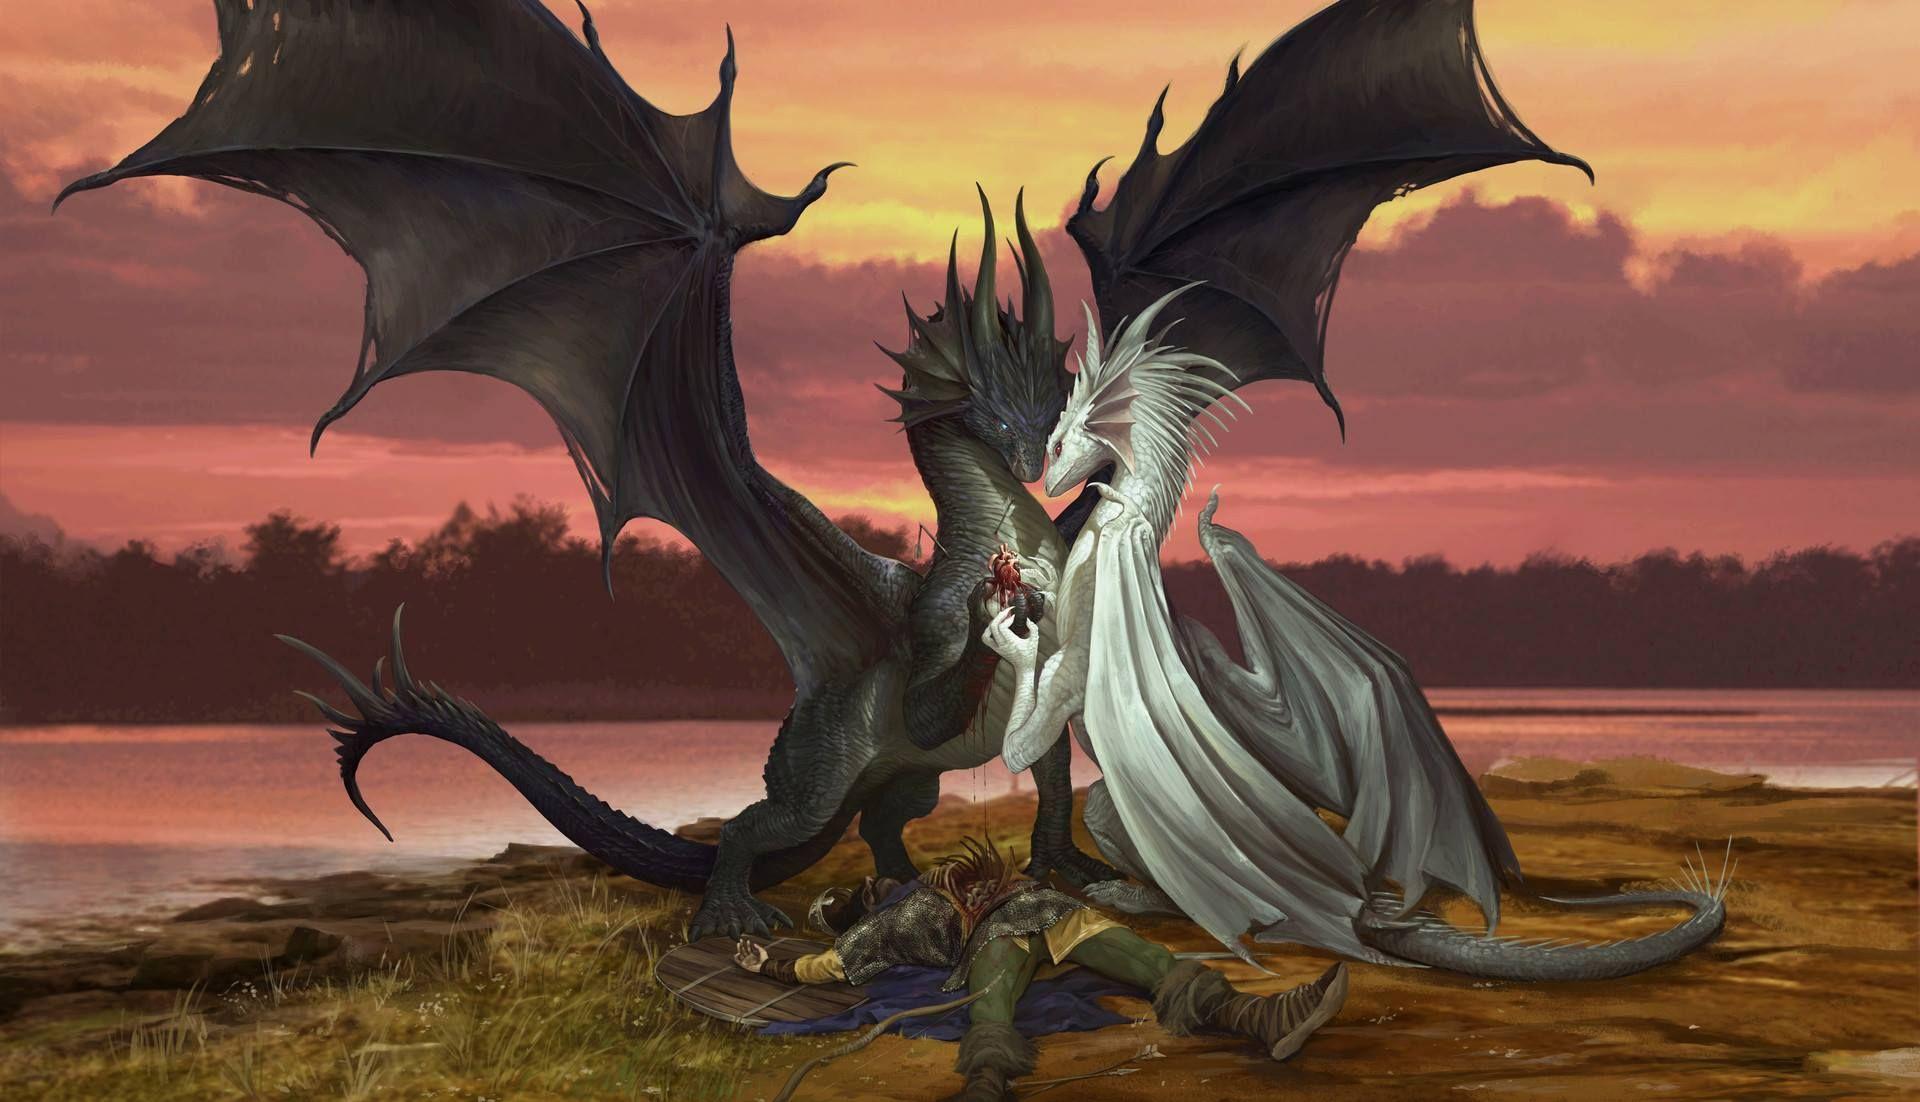 другу картинки с драконами всем остальном